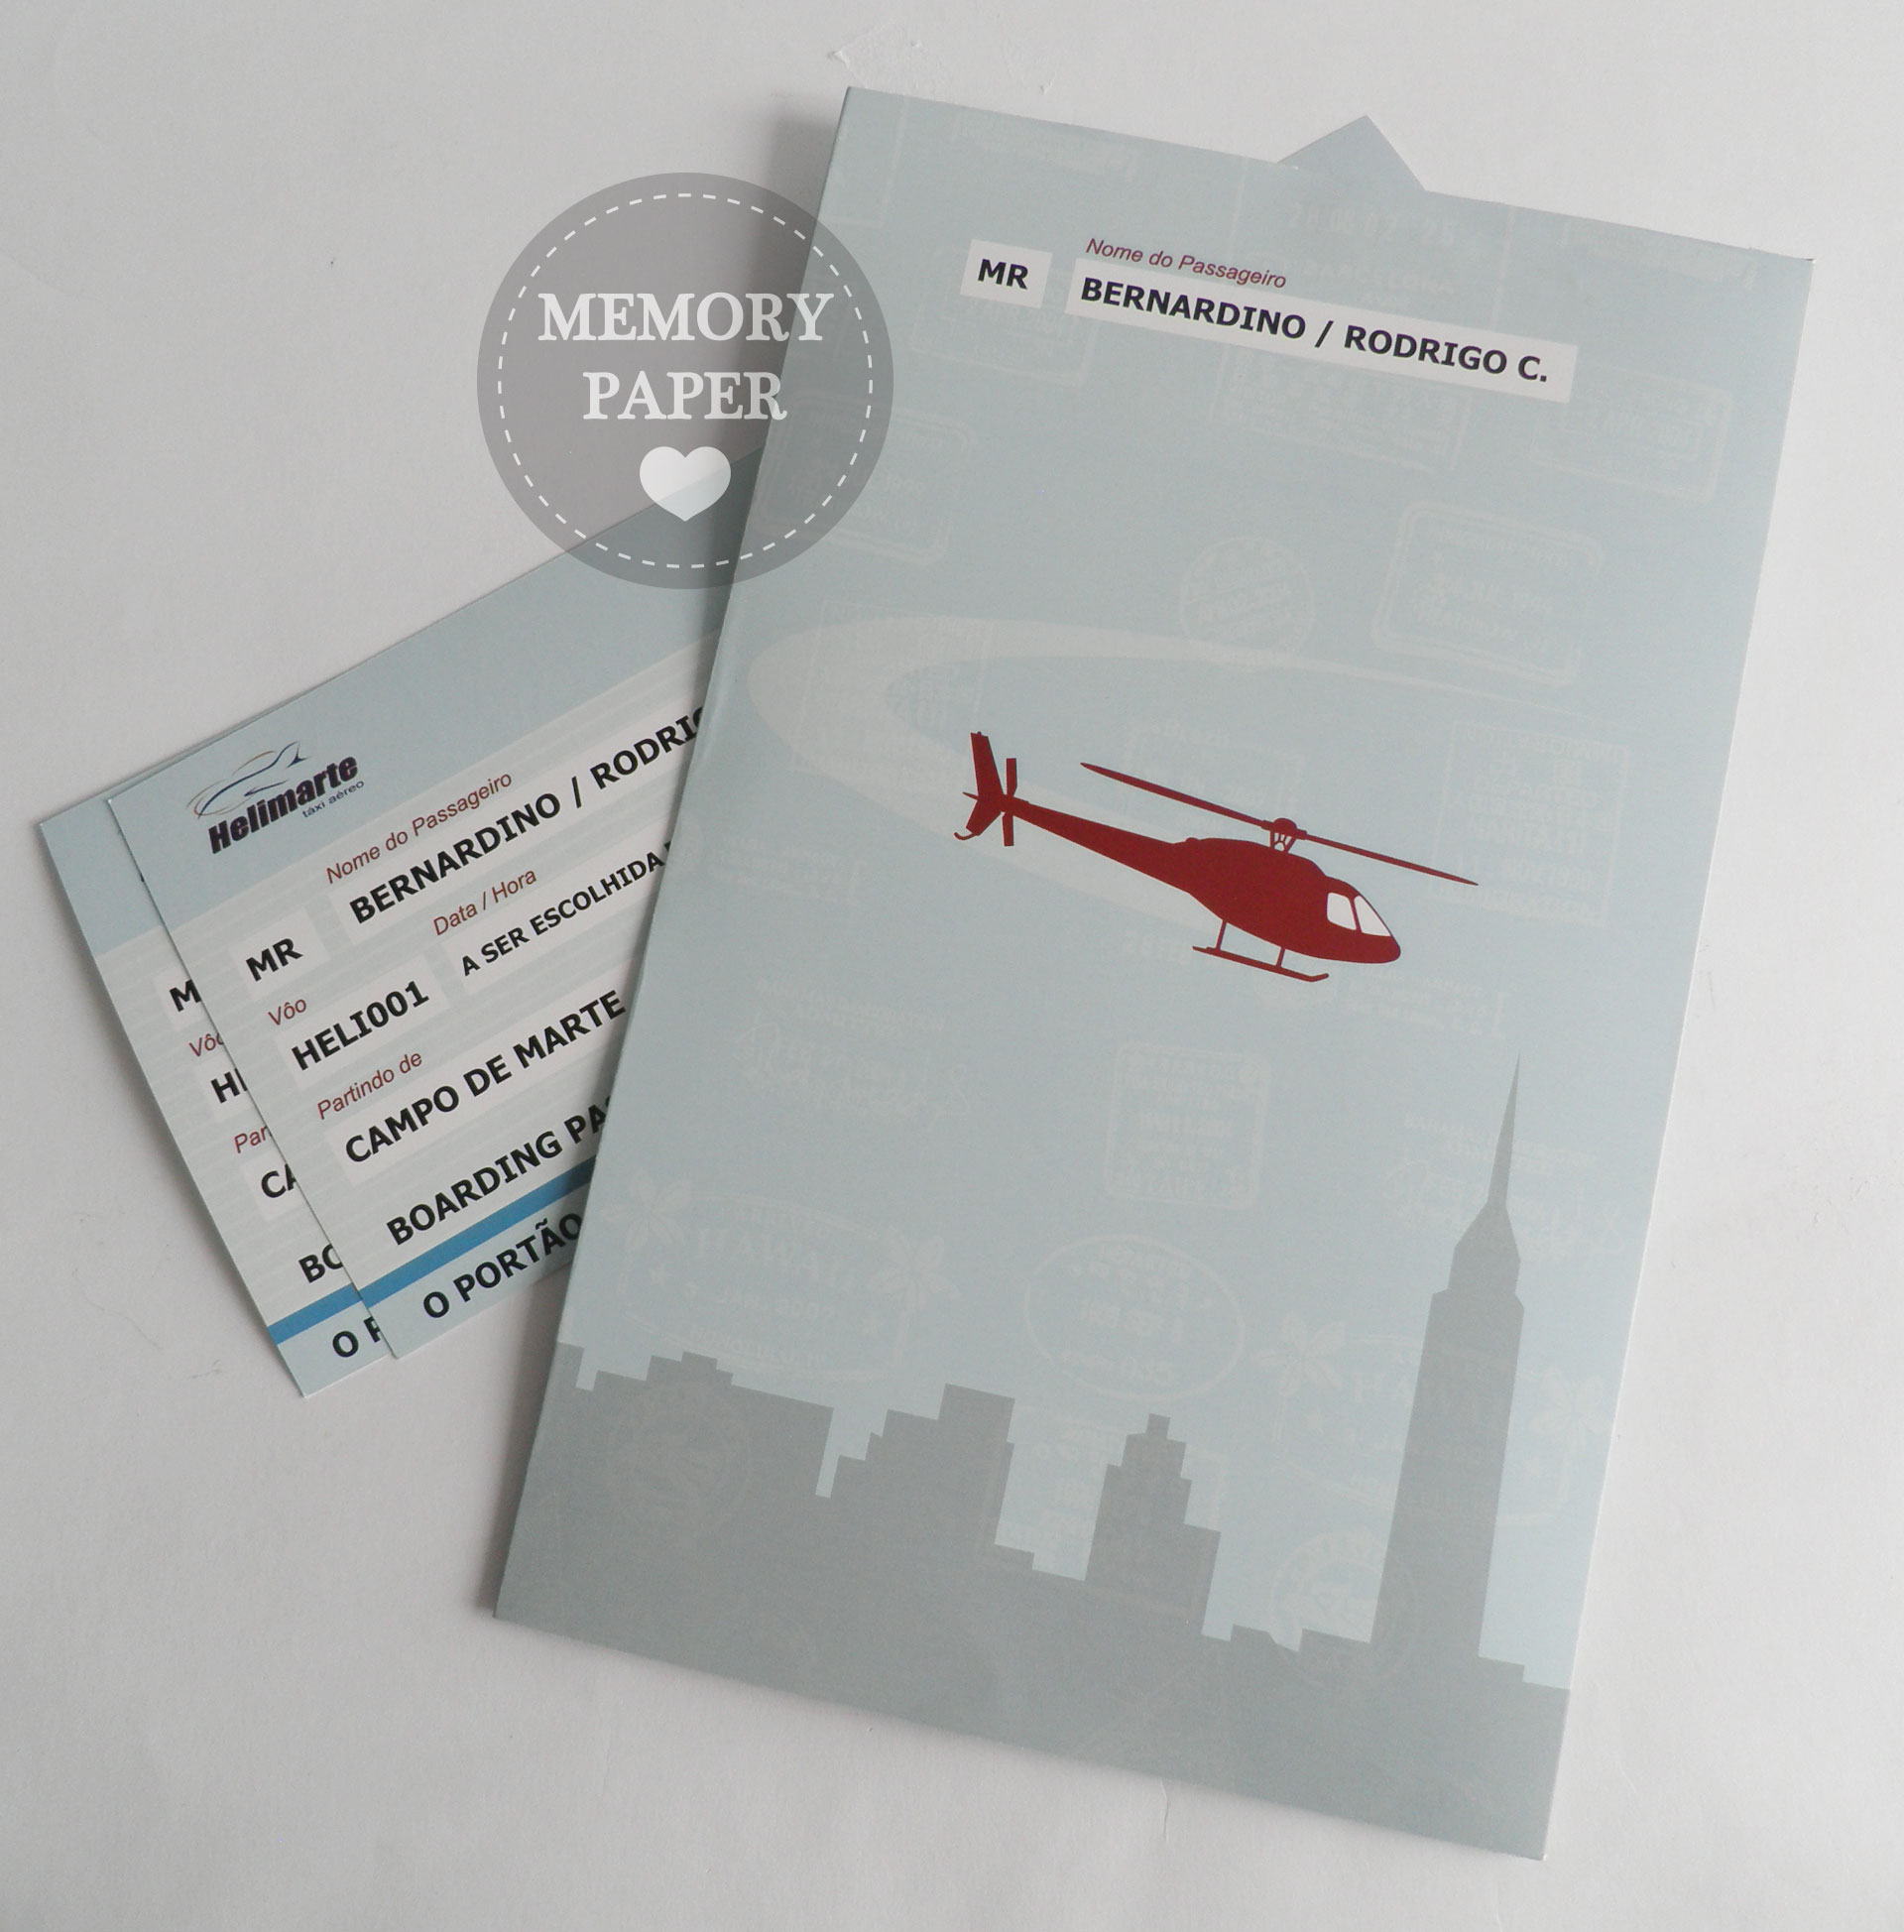 Passaporte02